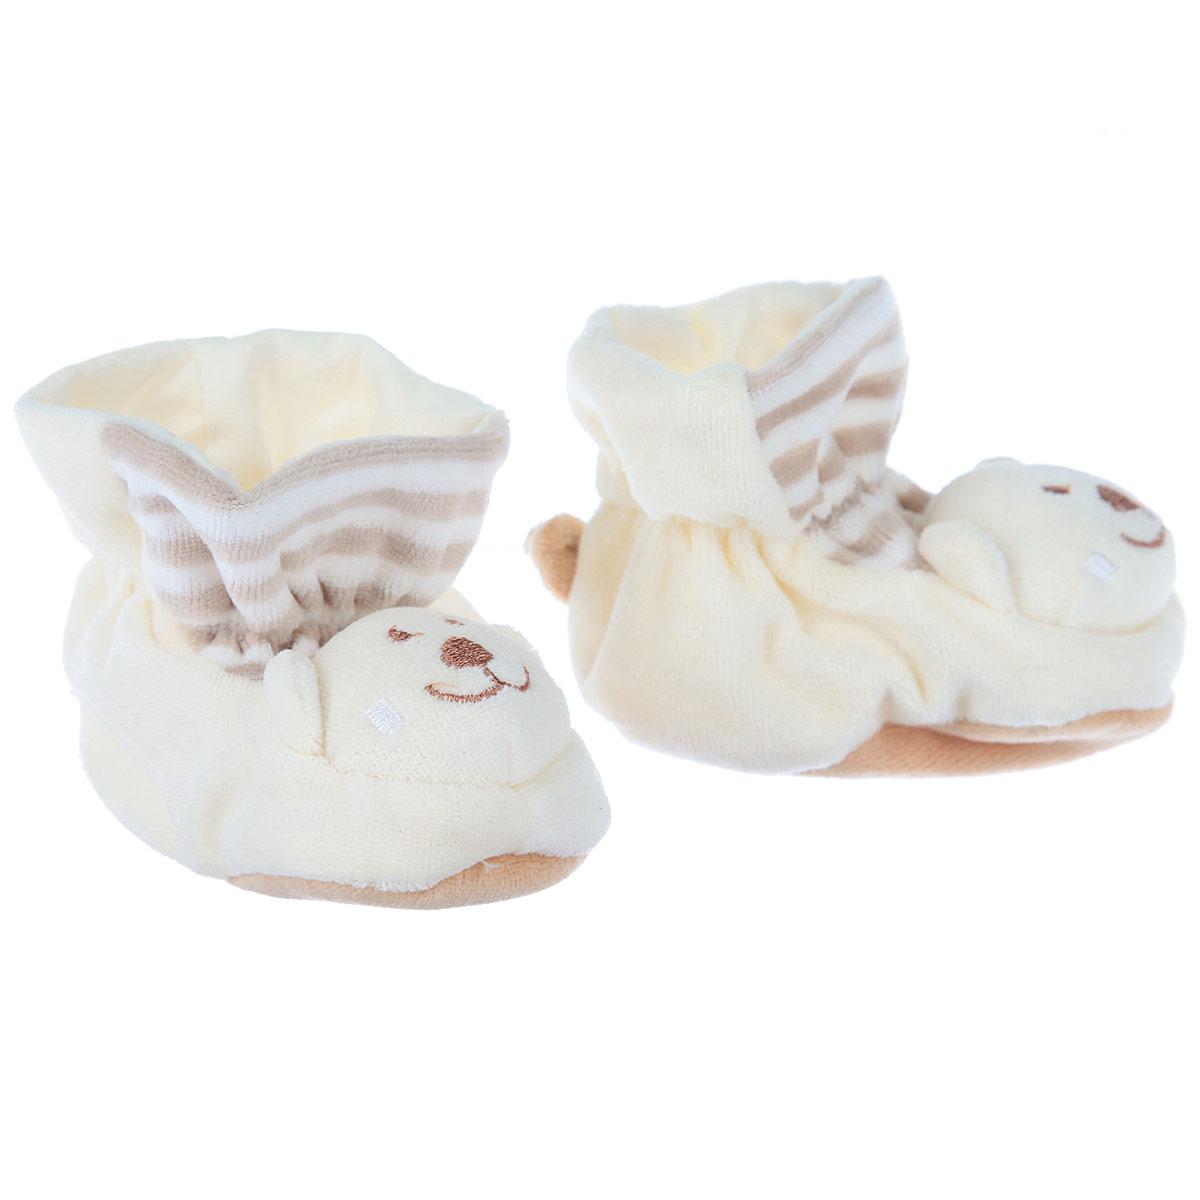 Пинетки Baby Nice Мишки, цвет: бежевый. Р47061. Возраст 0месР47061Очаровательные пинетки Baby Nice Мишки идеально подойдут для маленьких ножек вашего крохи! Они очень нежные и приятные на ощупь, не раздражают кожу и хорошо вентилируются. В хлопковых велюровых пинетках ножка малыша дышит и не мерзнет - созданы все комфортные условия, для того, чтобы подумать о первых шагах!Пинетки изготовлены из очень мягкого и приятного на ощупь ворсистого материала - 100% хлопка и оформлены объемной головой в виде медвежонка. Благодаря скрытой эластичной резинке пинетки будут отлично держаться на ножке младенца. Подошва выполнена в контрастном цвете. Такие пинетки - отличное решение для малышей и их родителей!